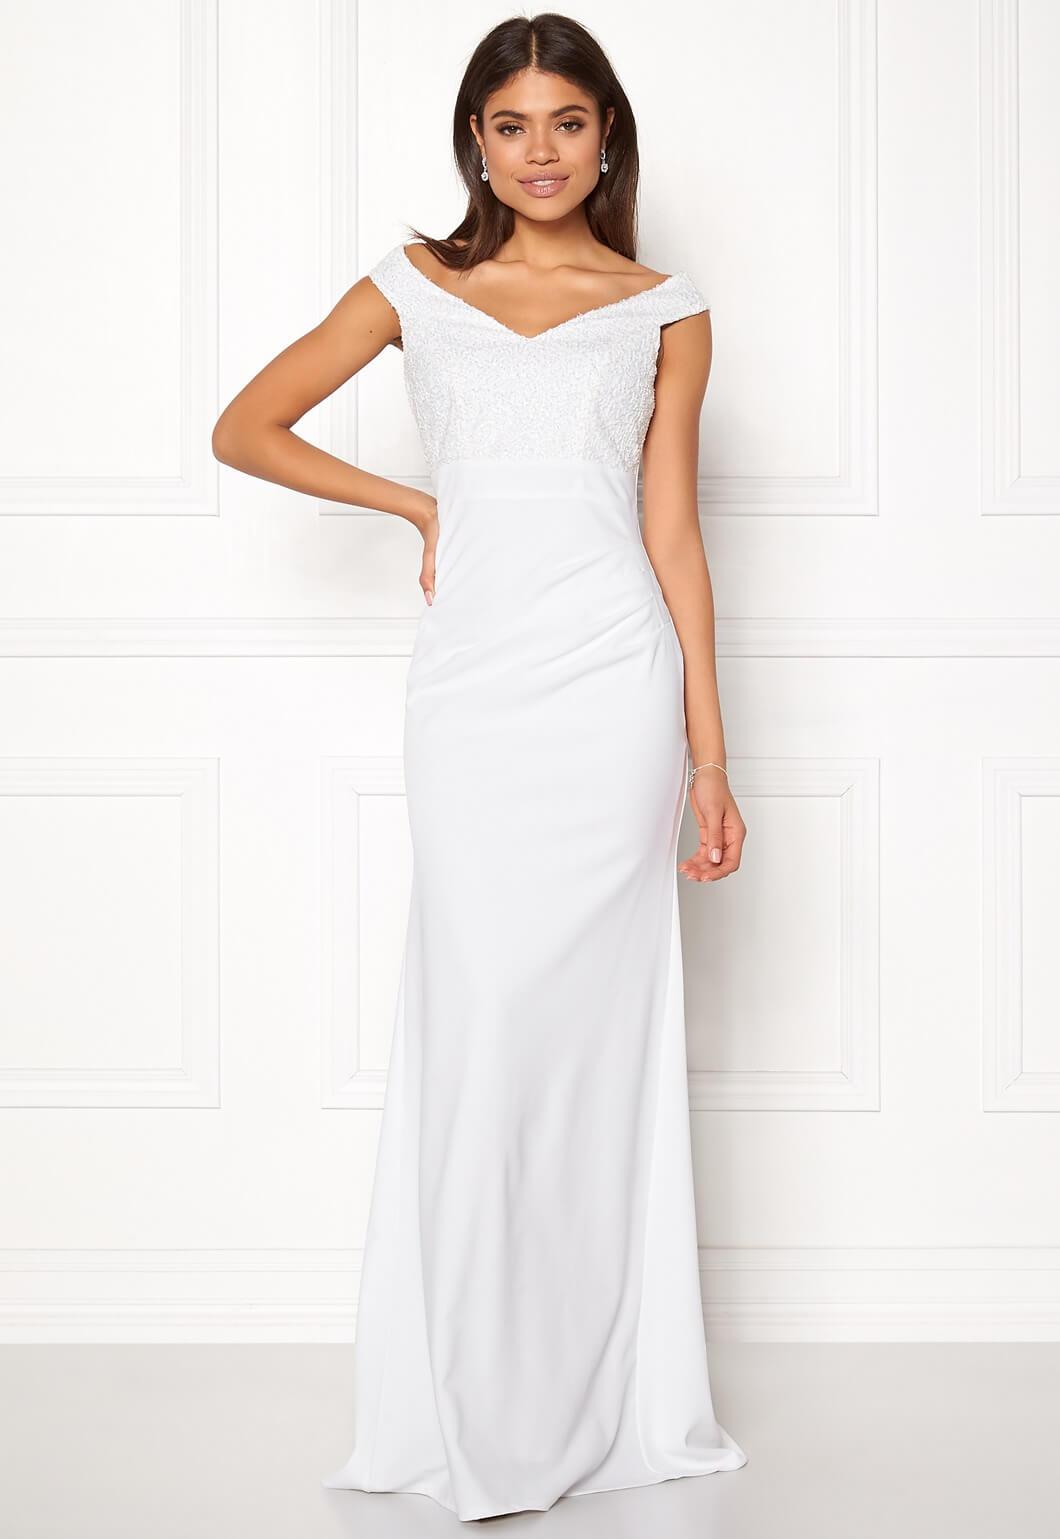 7d1fe5934b8b För en borglig vigsel i stadshuset kanske denna klänning i kortare modell  med virkade detaljer kan vara något!? Pris 799 sek.